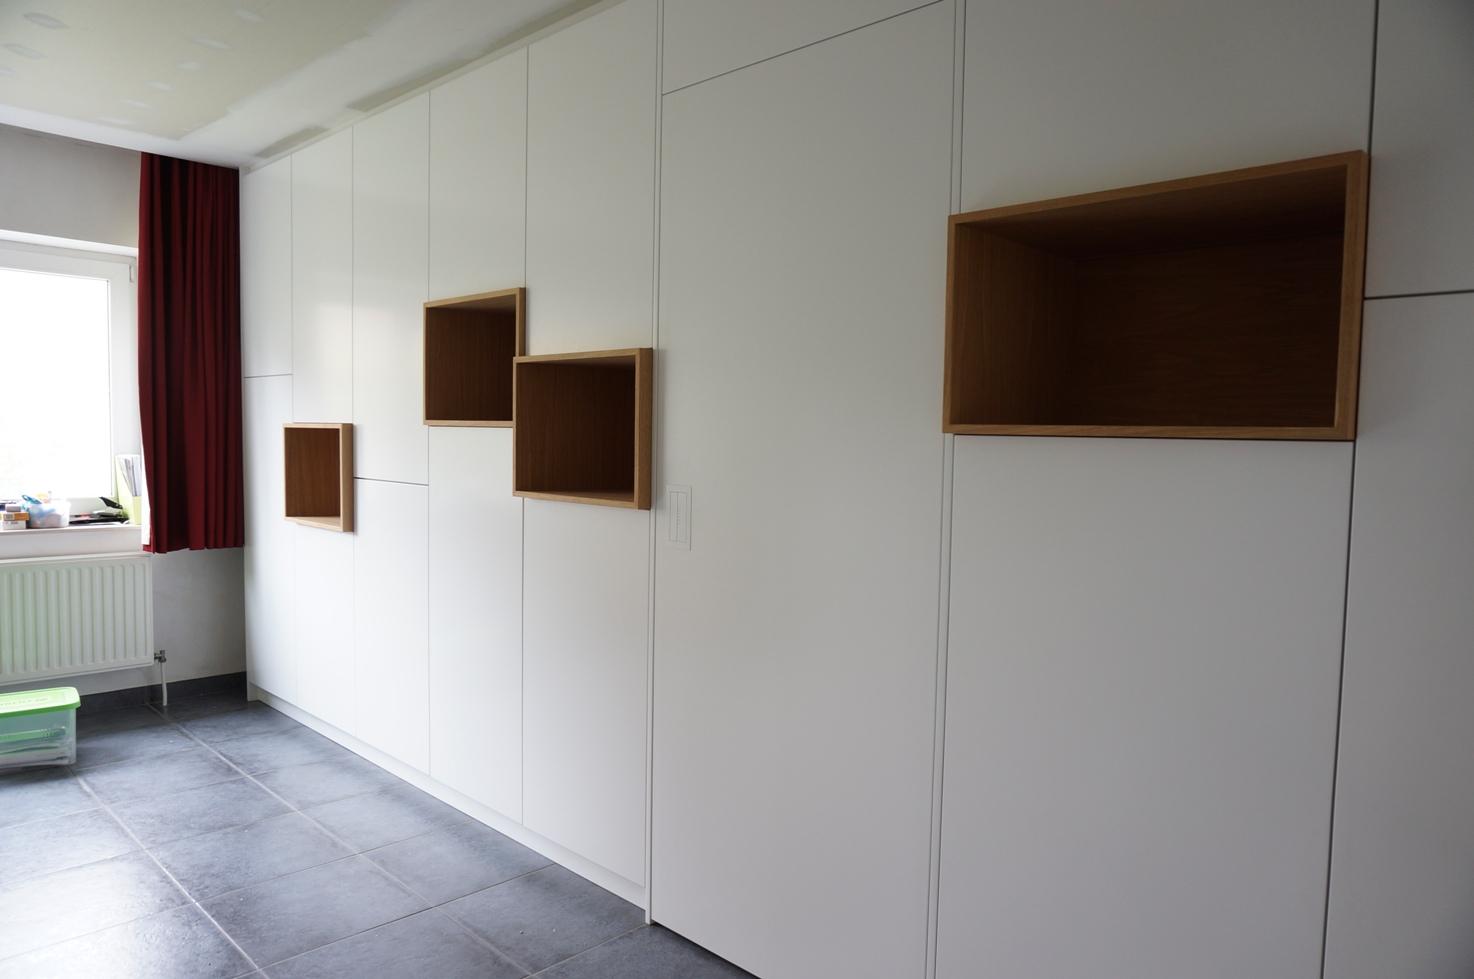 kastenwand met eiken open vakken en een geïntegreerde deur naar de keuken